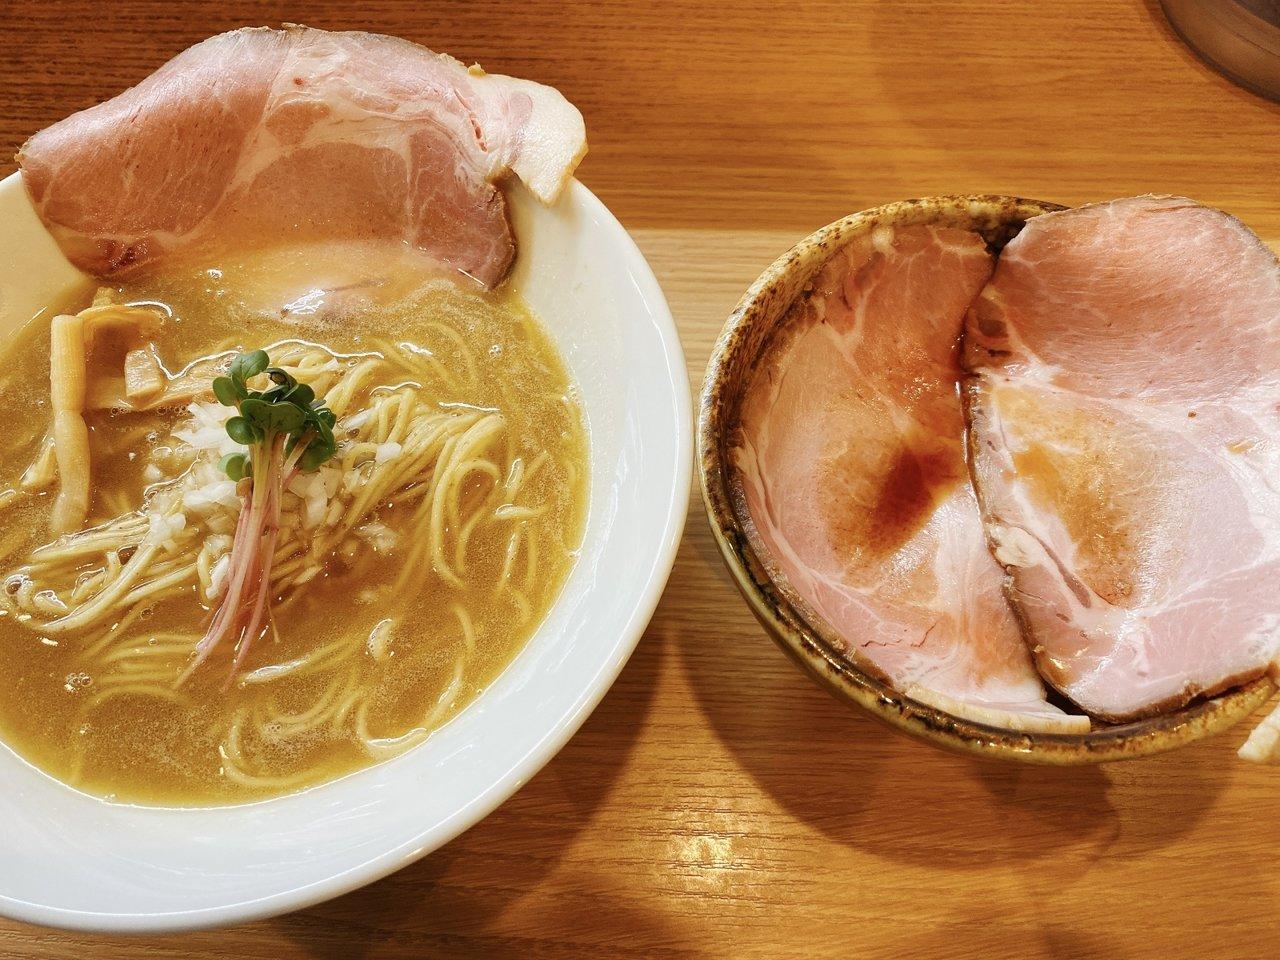 東京ローカルのおいしいラーメンがたべたい|鶏白湯ラーメンとチャーシュ丼